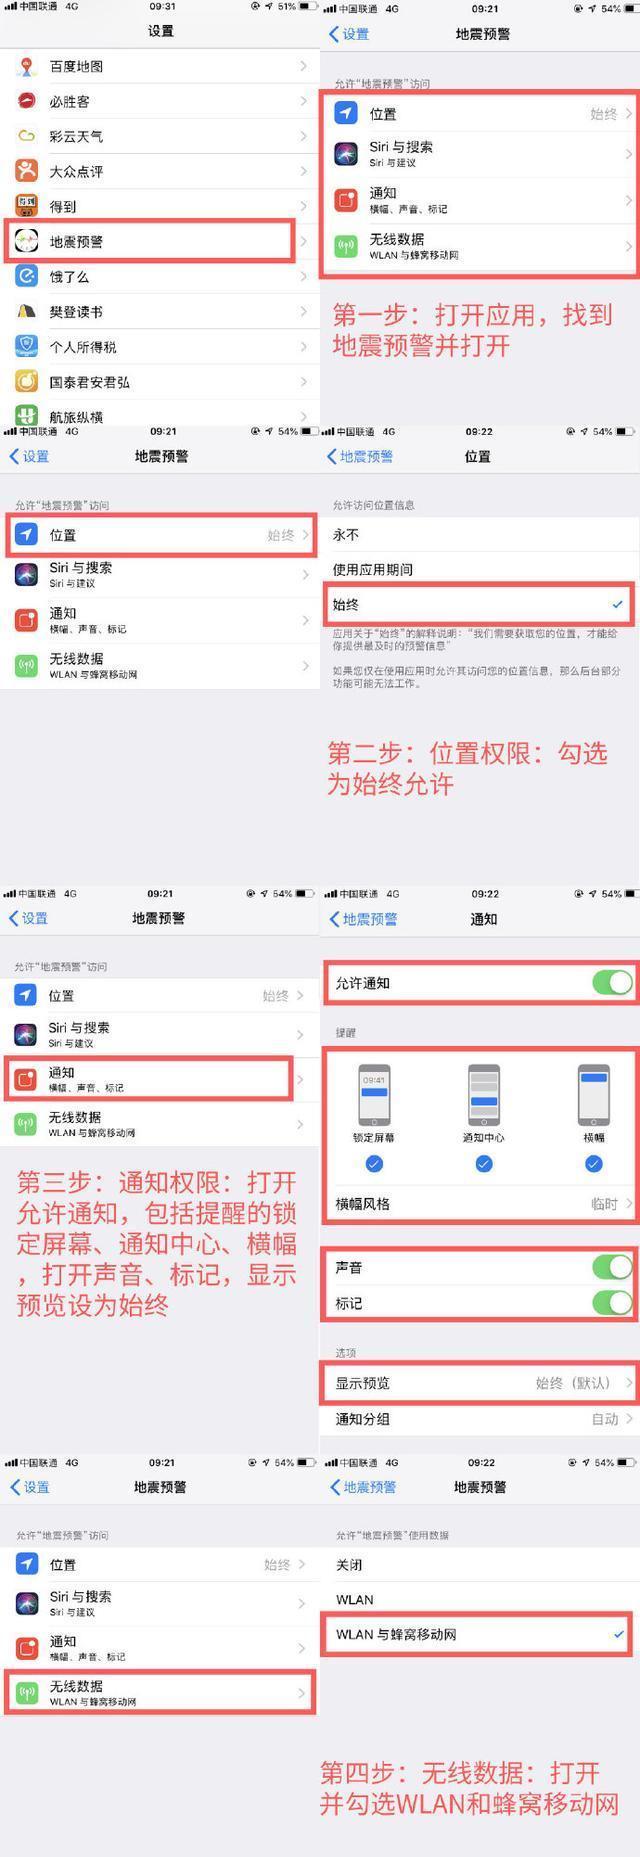 转给家人,华为、苹果地震预警APP设置,小米地震预警开启途径 地震 地震预警 每日推荐  第5张